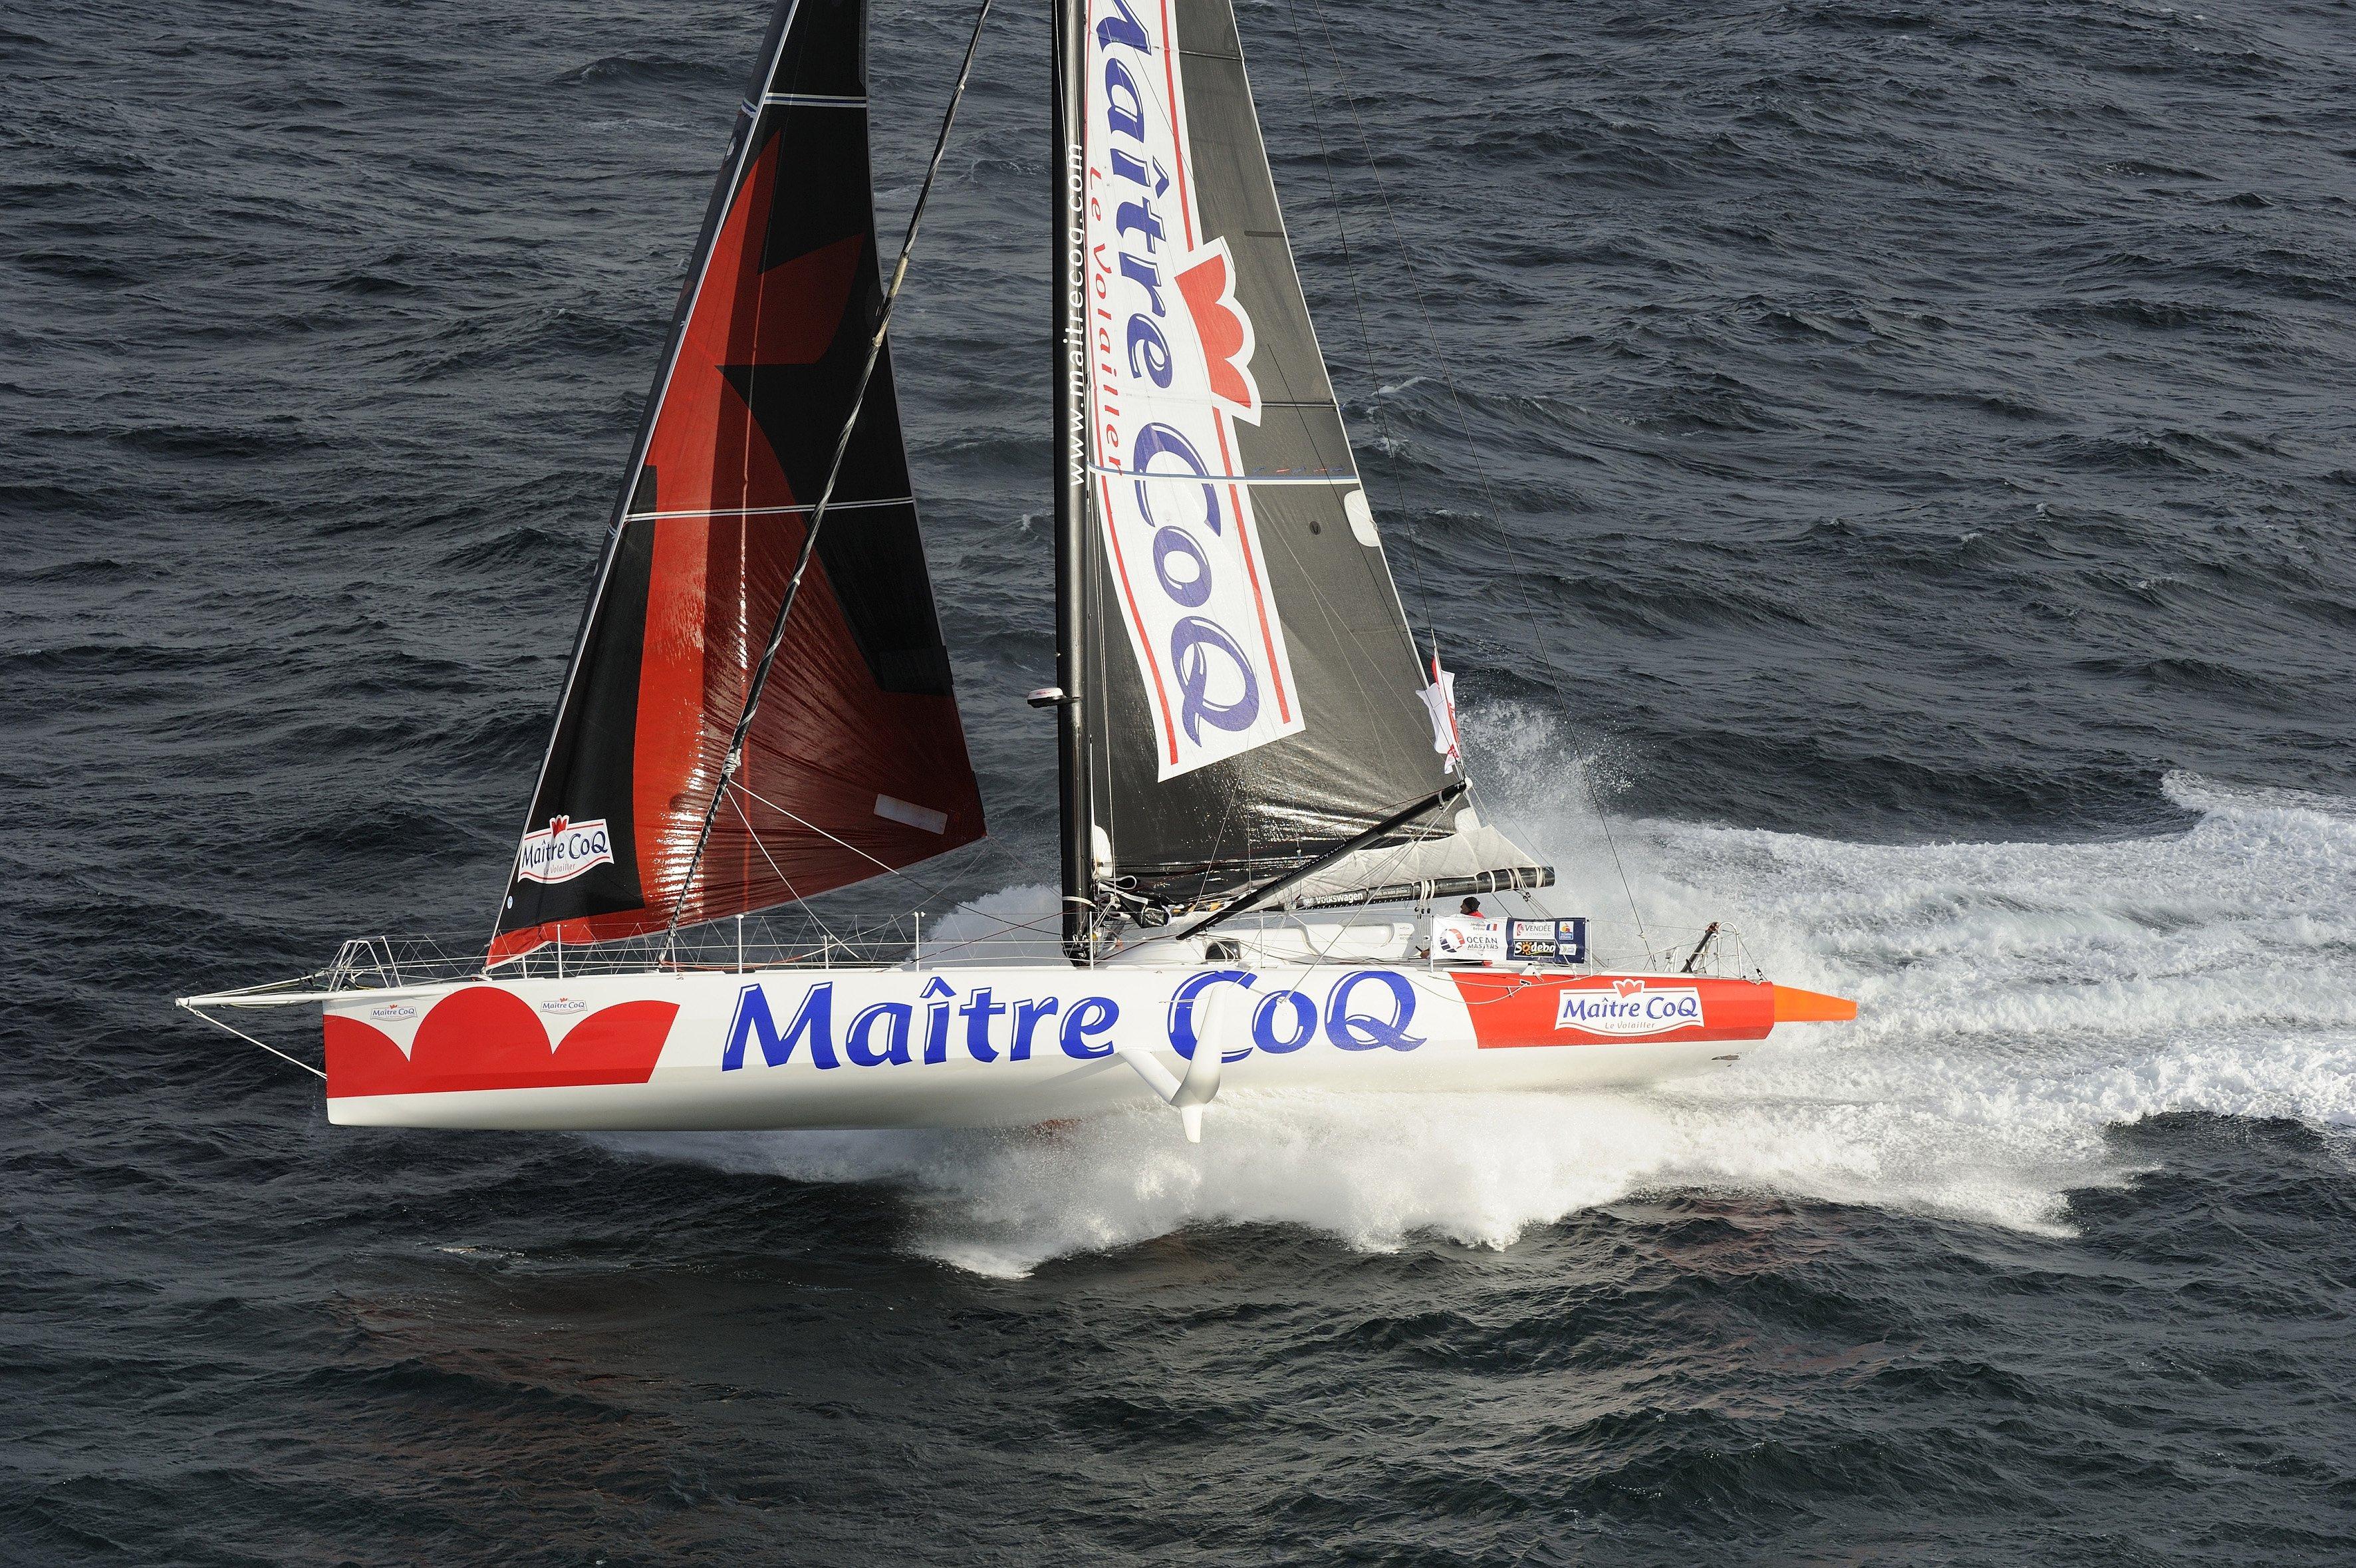 SAILING - MAITRE COQ AERIAL 130616